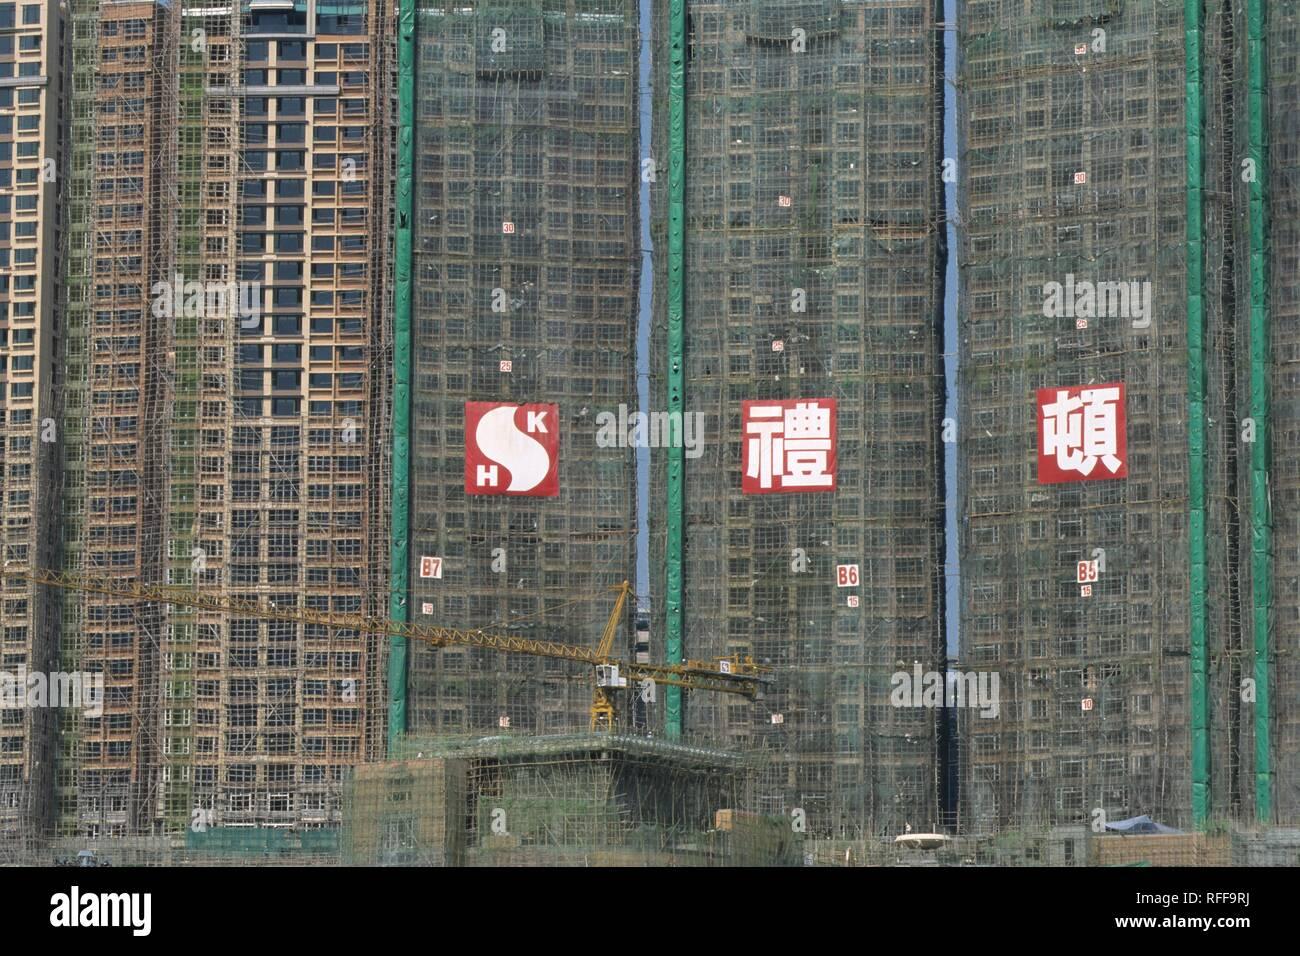 Scaffolding made of bamboo sticks, Hongkong, Hong Kong Island, China - Stock Image